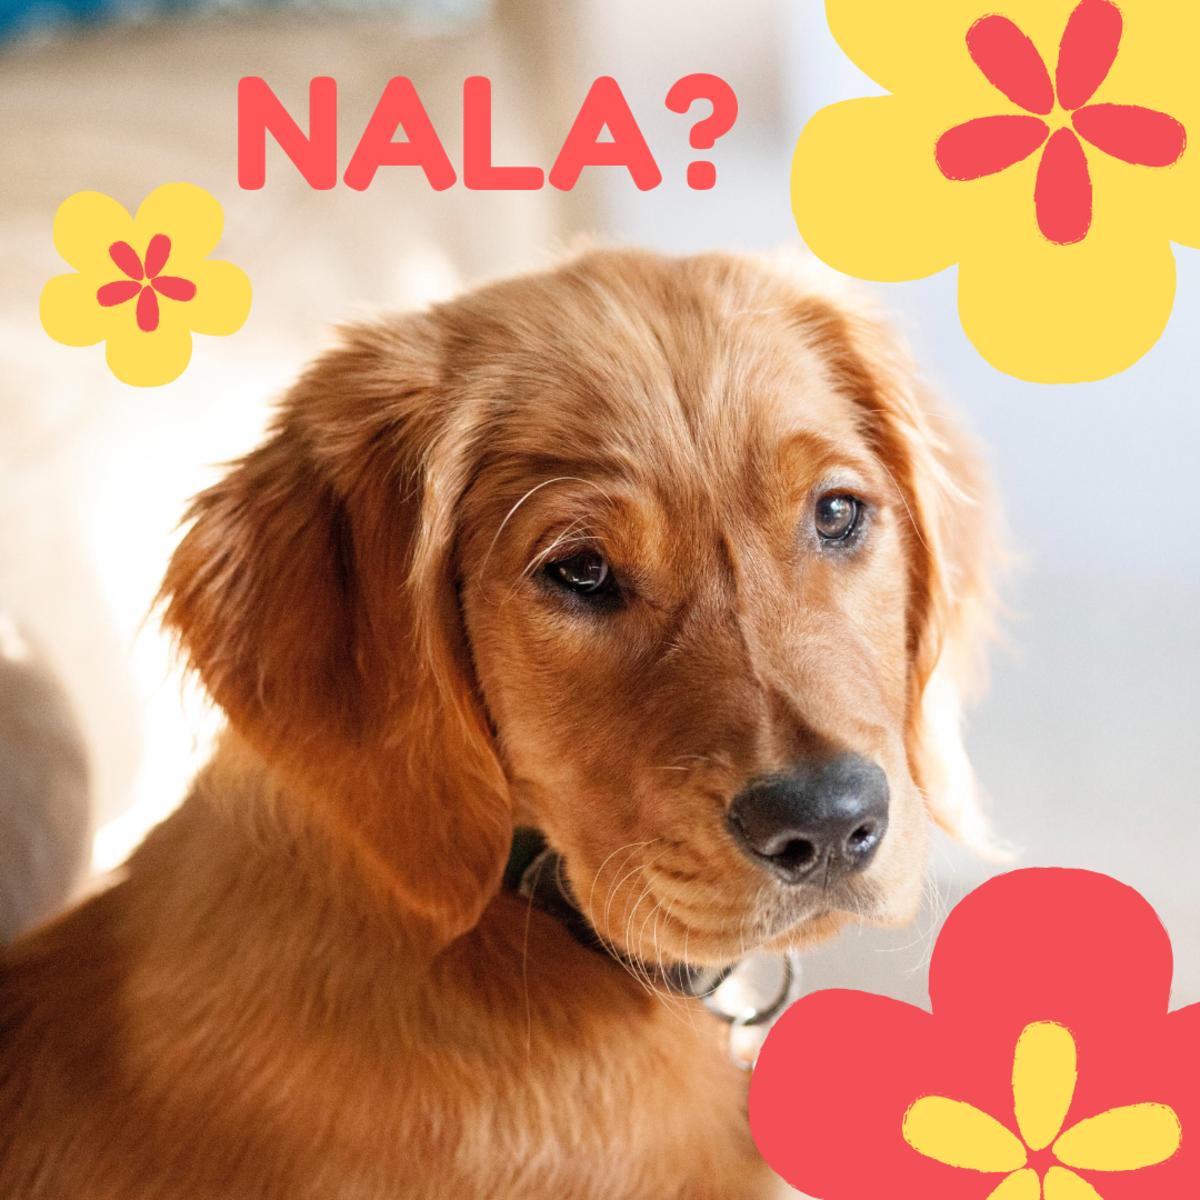 Is she a Nala?